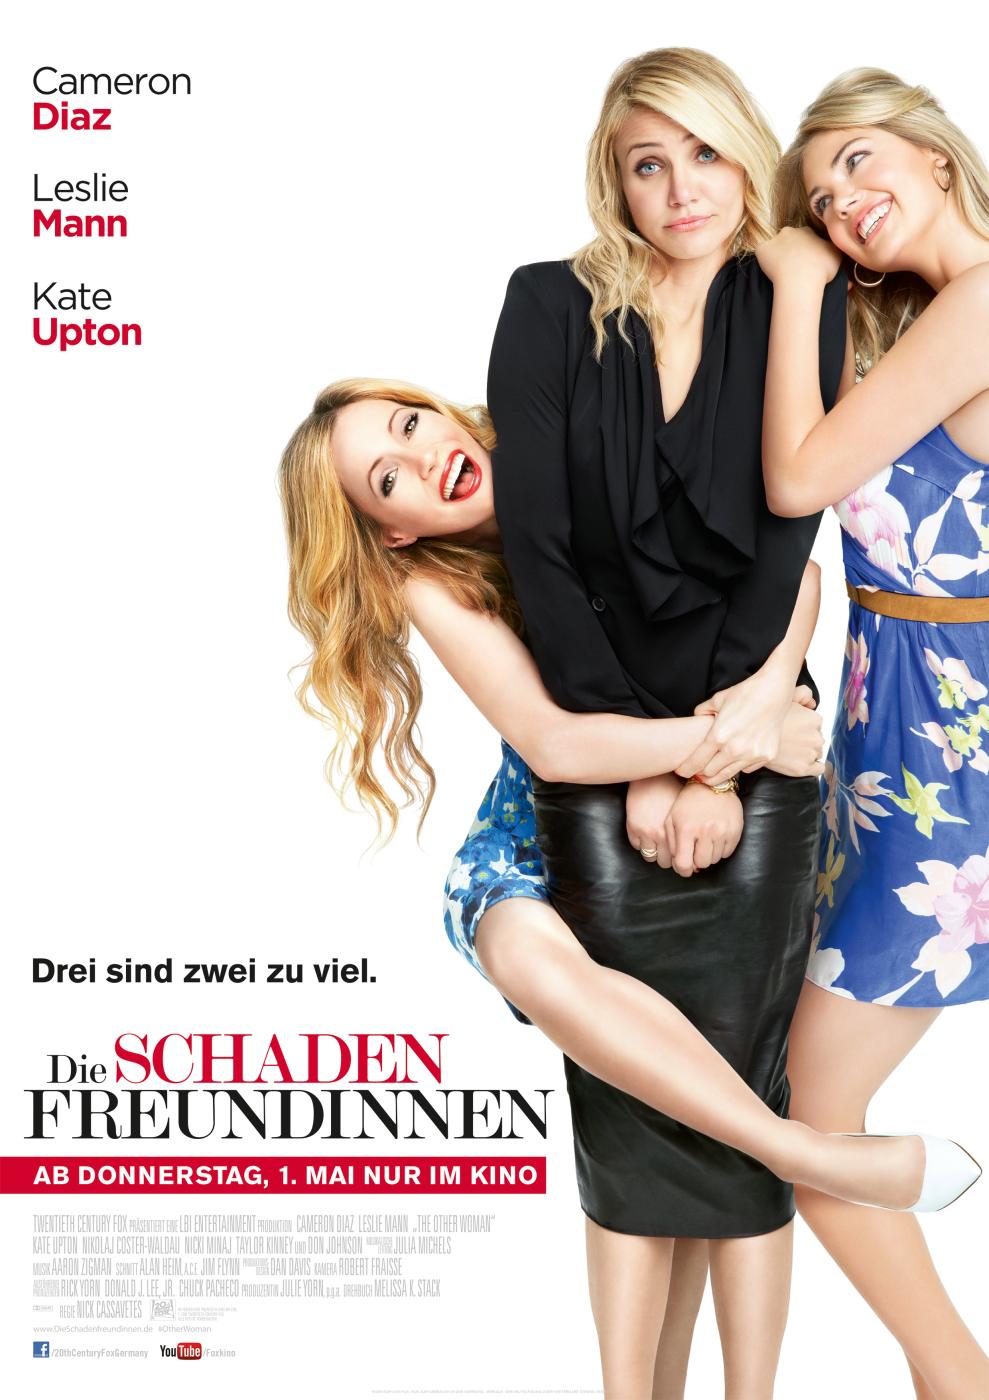 DieSchadenfreundinnen_Poster_Launch_DRUCK_1400